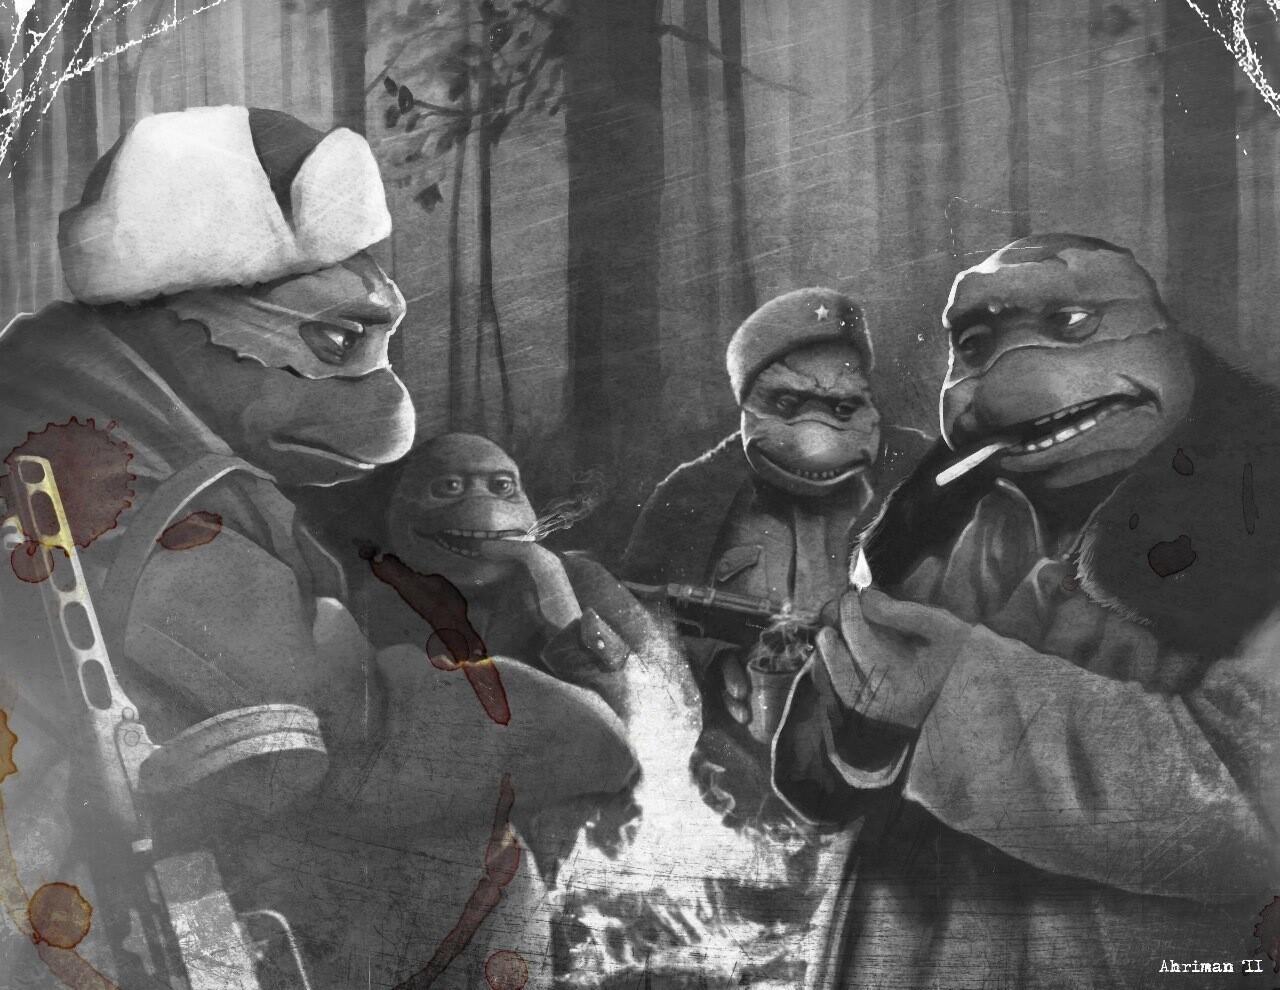 Галочка?! Ты сейчас упадешь! Российский художник превратил советские фильмы в японское анимэ. | Изображение 3